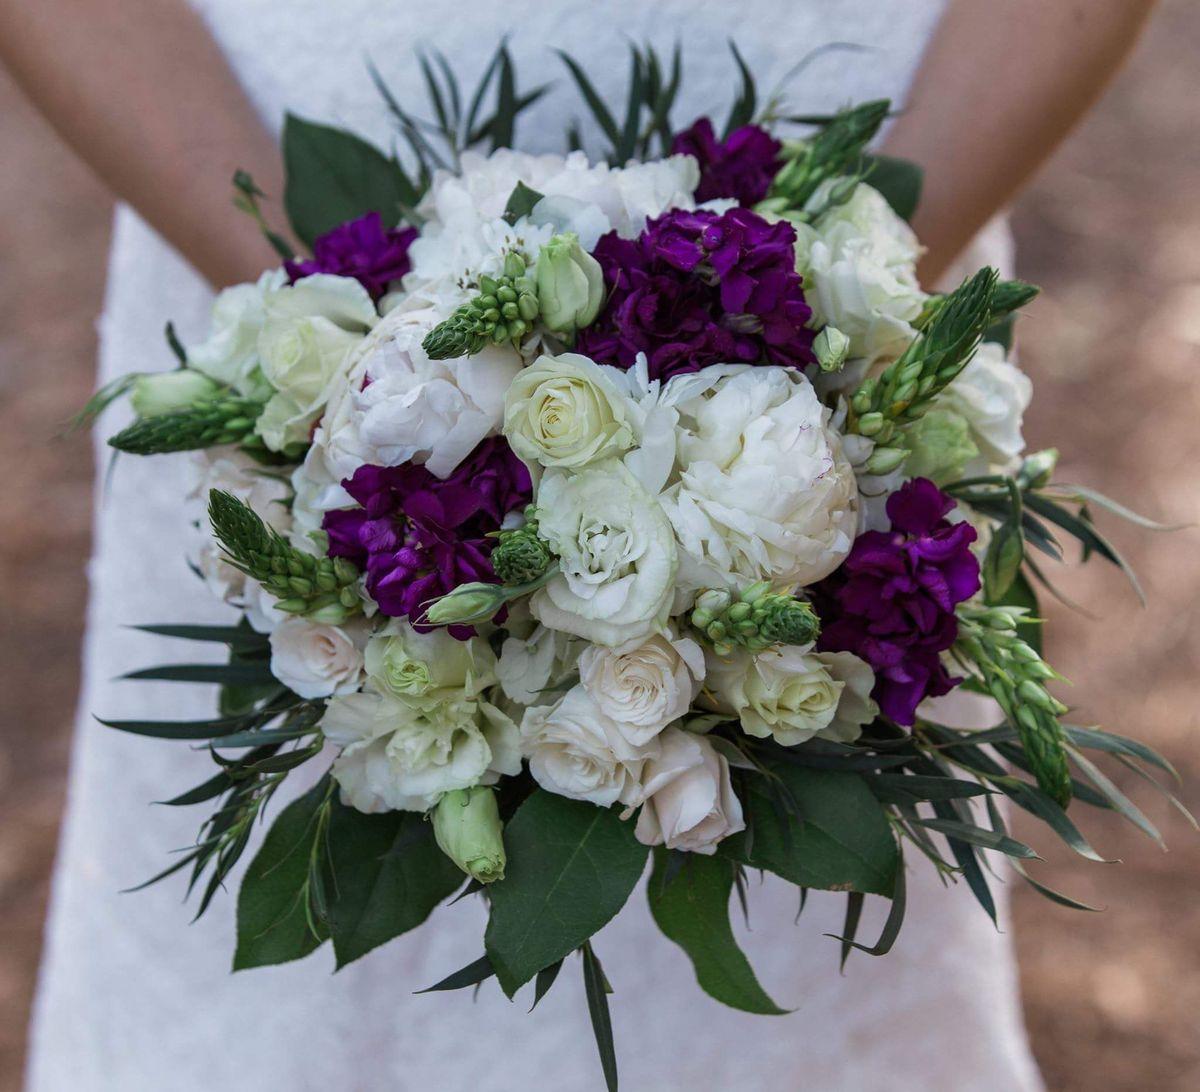 Wedding Flowers Reviews: Flowers By Frankie Reviews & Ratings, Wedding Flowers